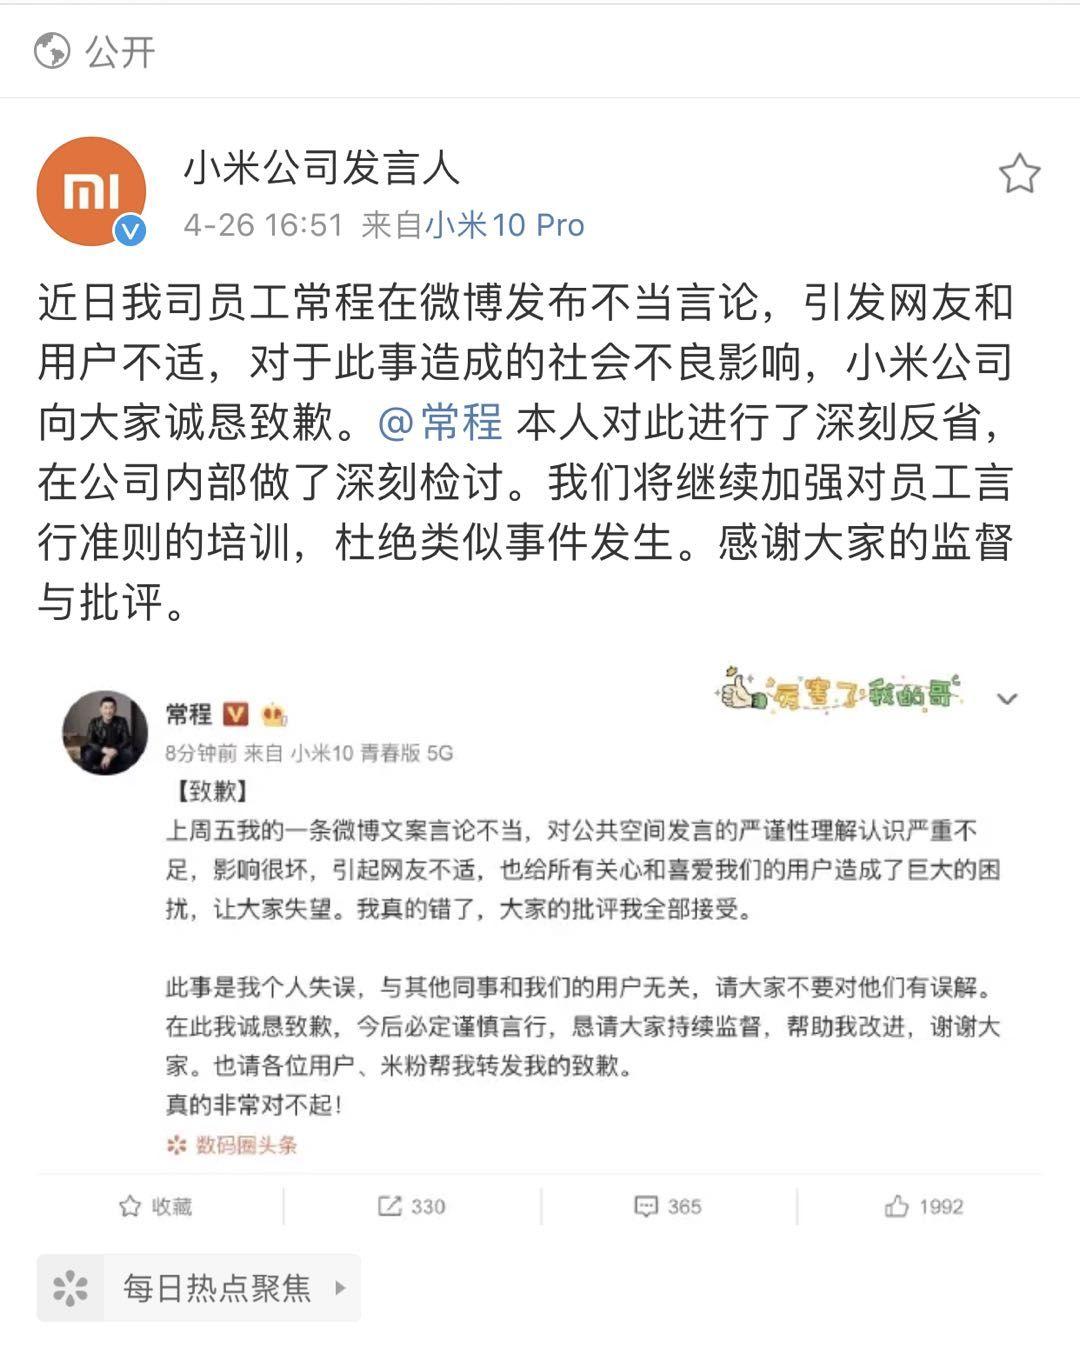 宣传文案内容惹争议,小米副总裁常程公开致歉